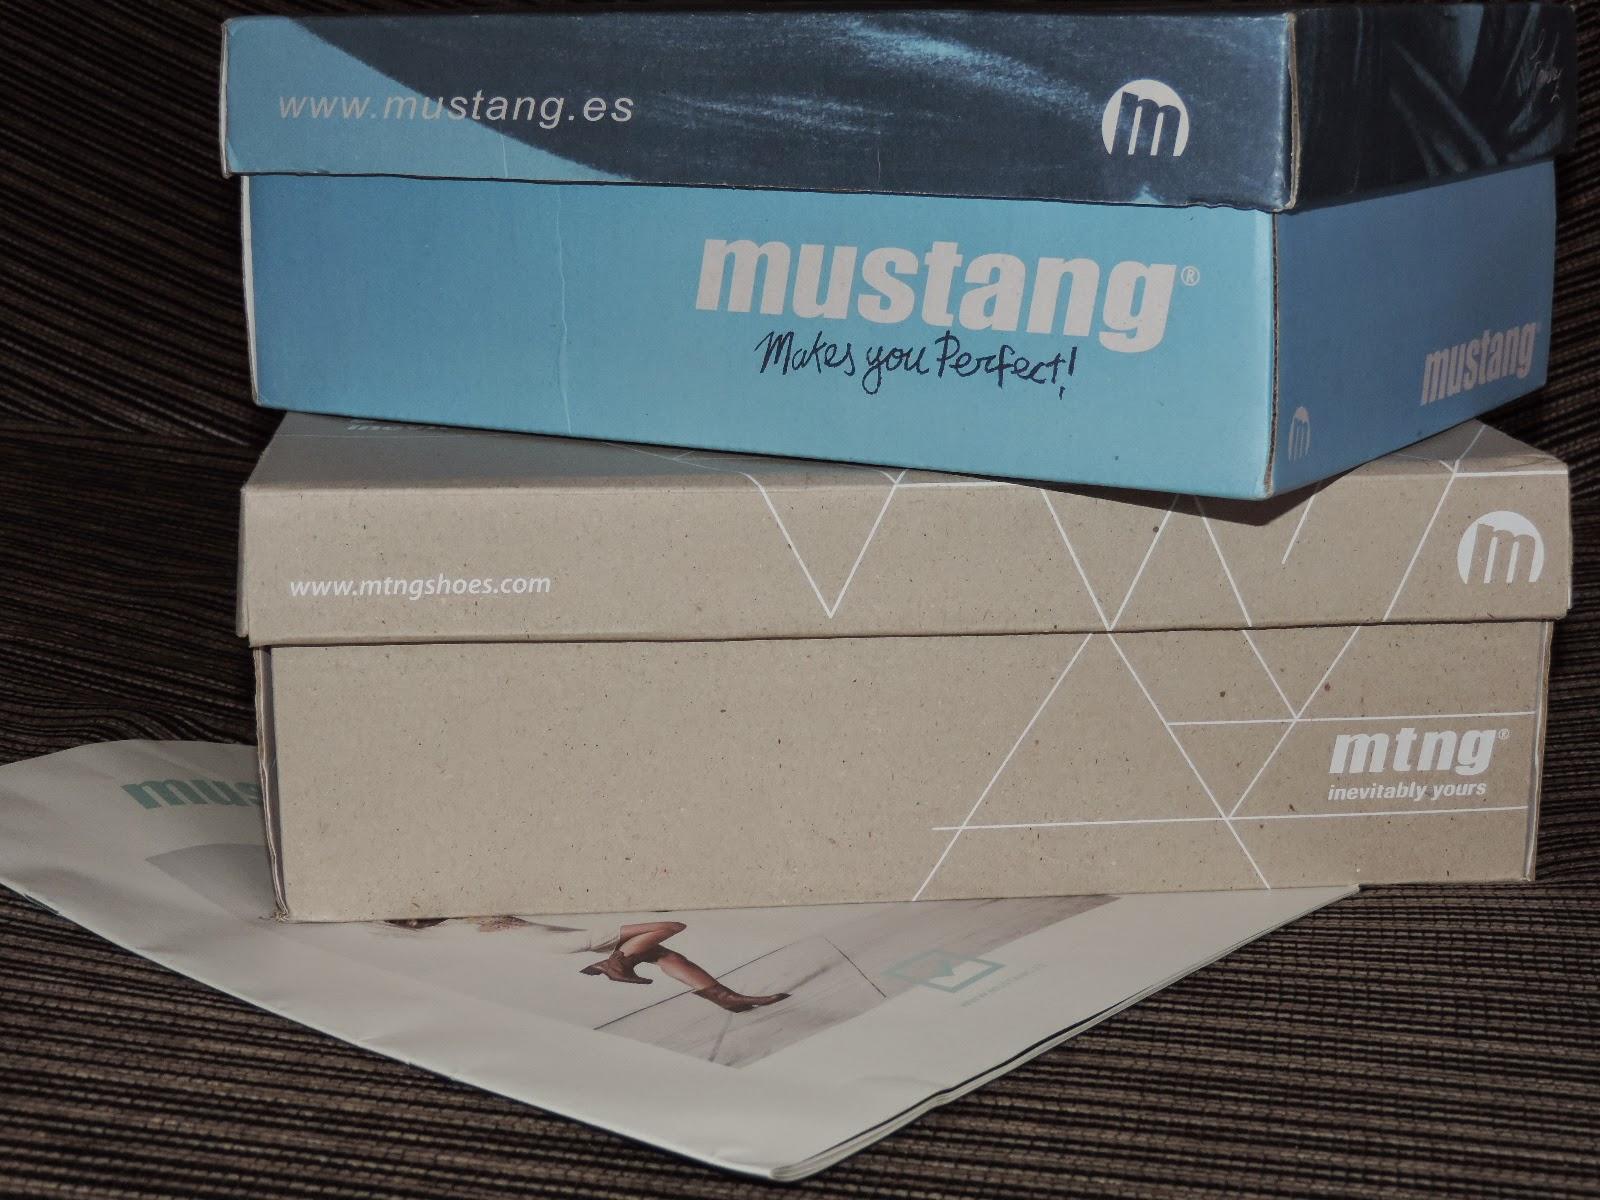 Compras Mustang Septiembre 2014